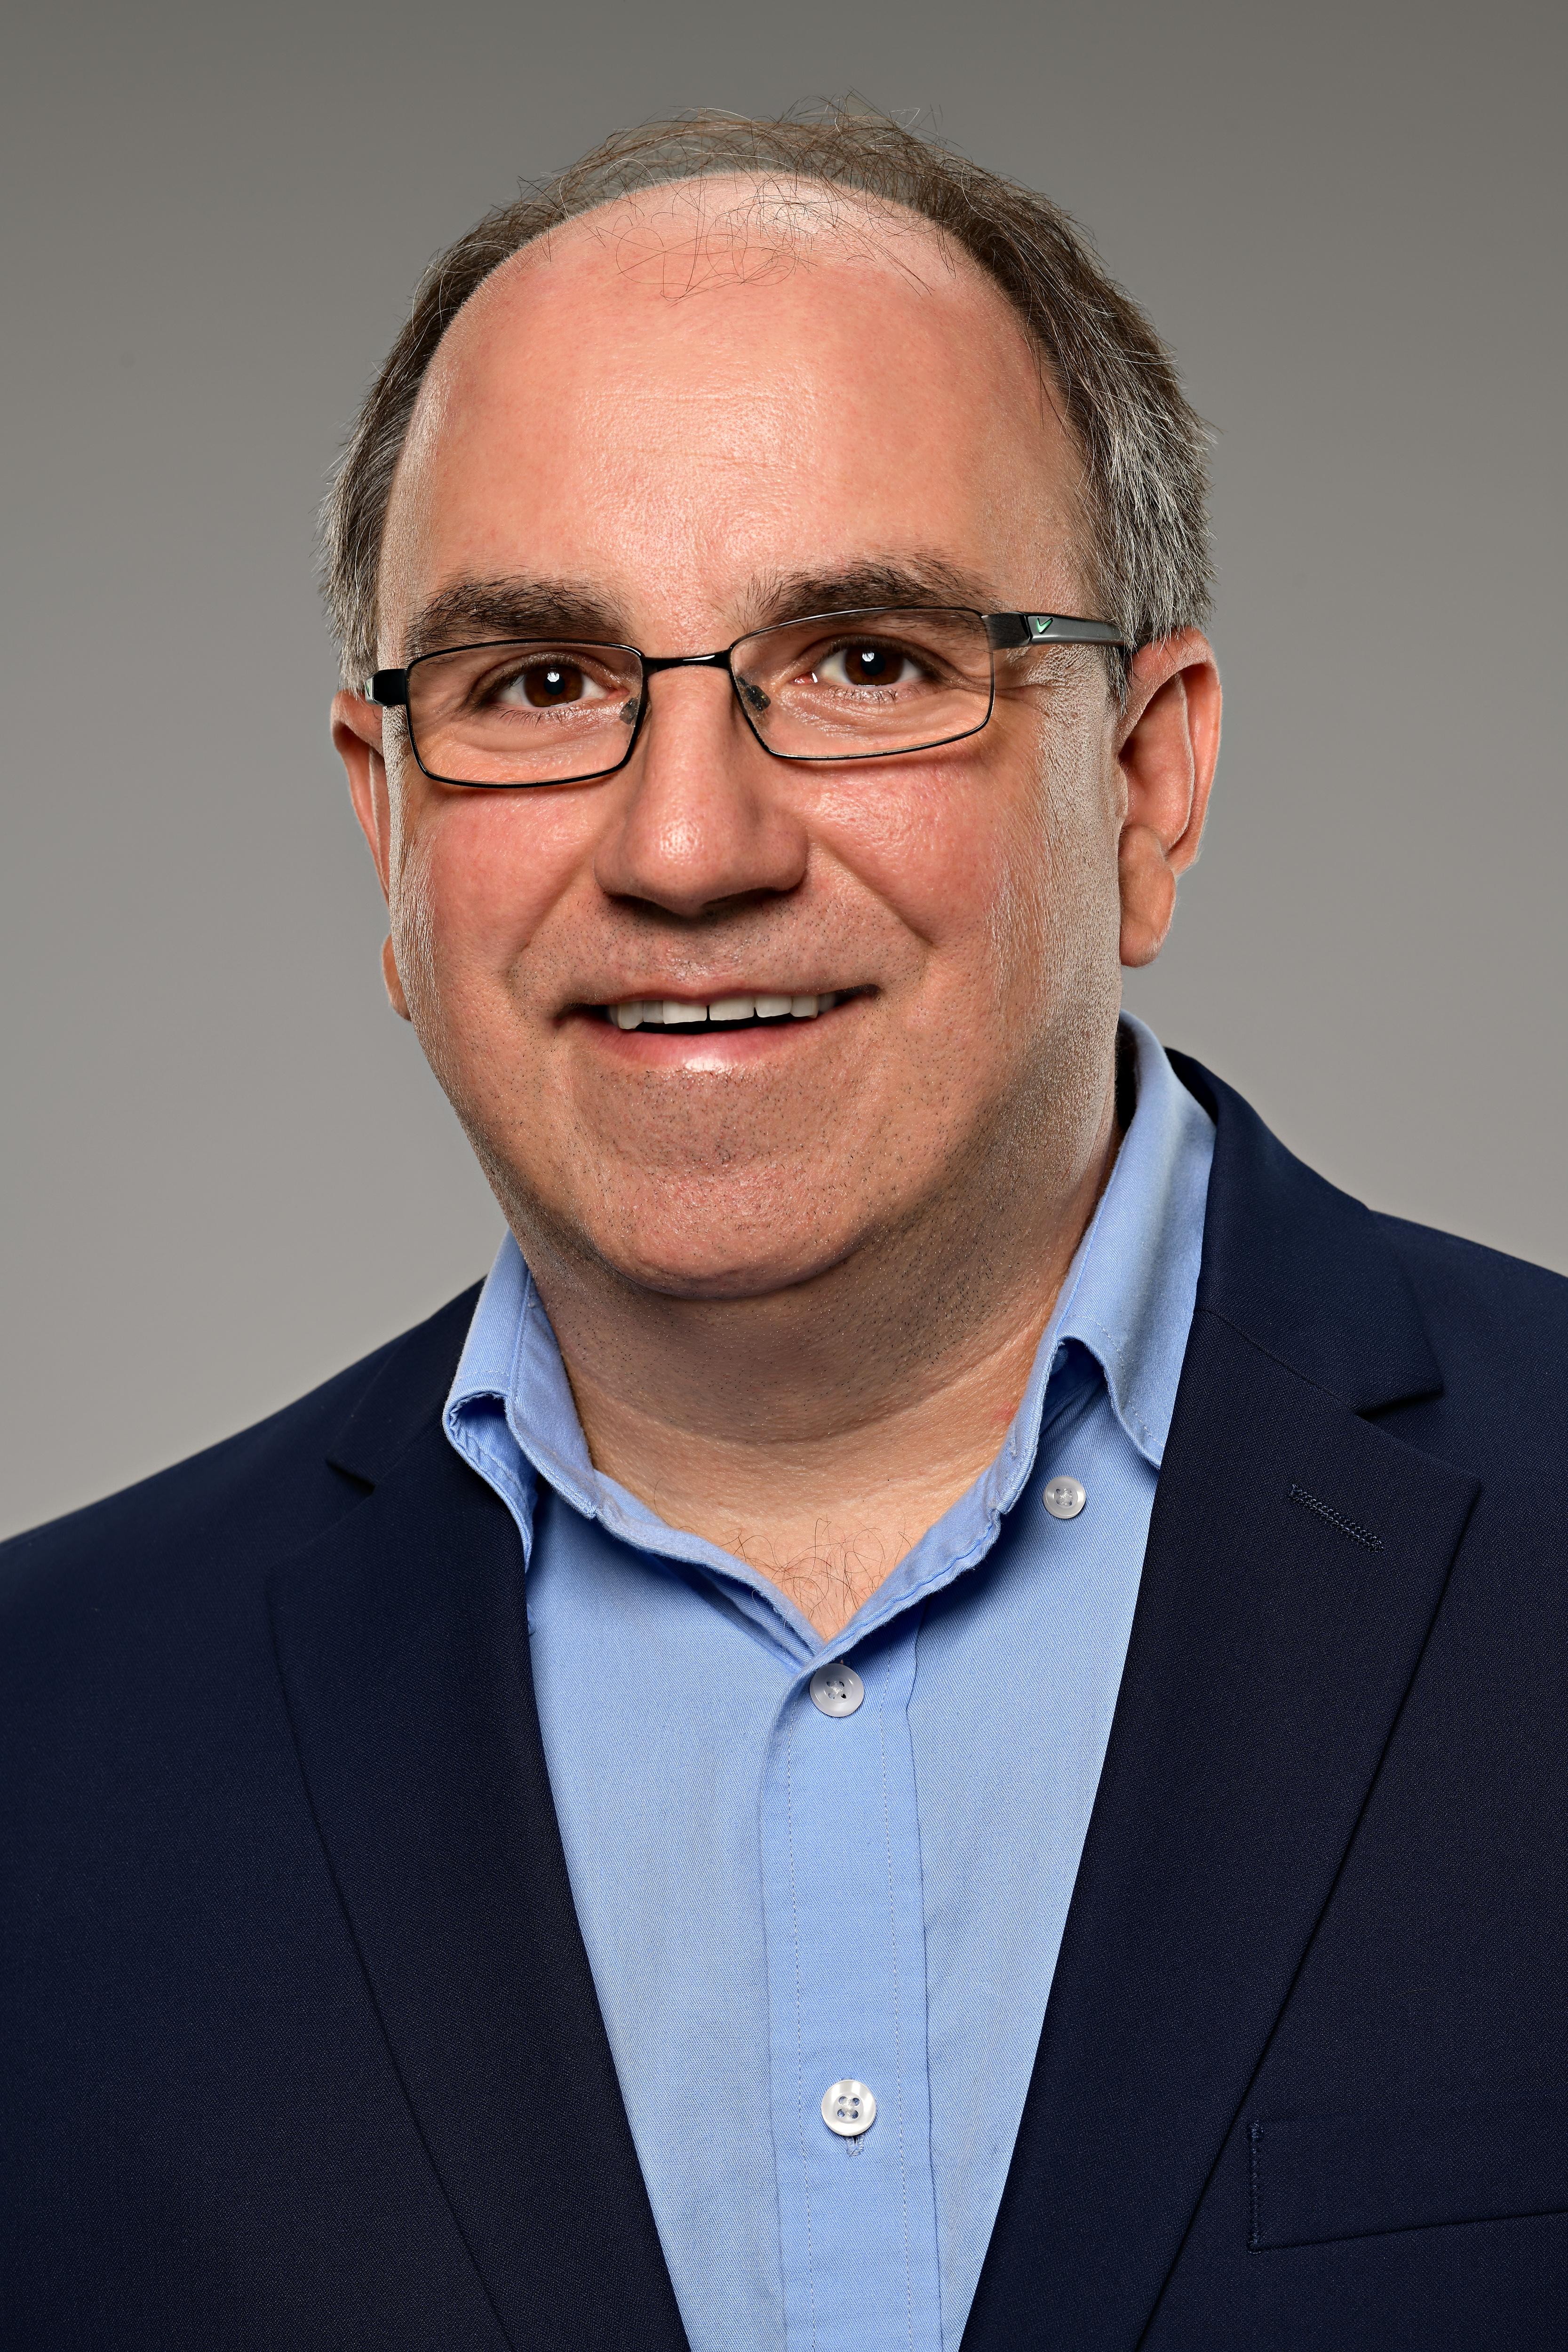 Frank Menzel